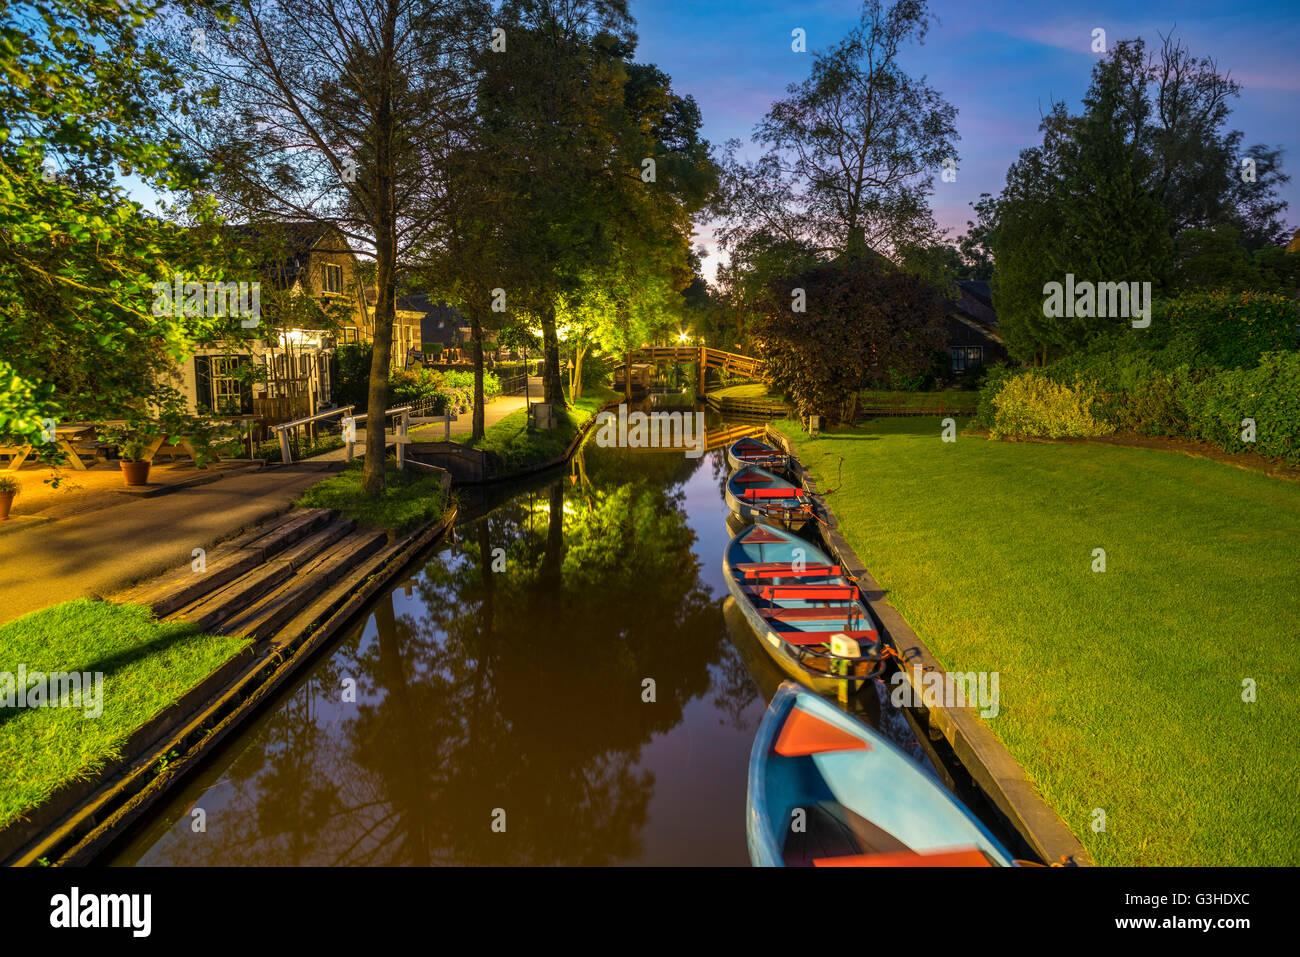 Giethoorn, Niederlande. Giethoorn flache oder Börsenspekulanten, Stechkahn fahren Boote zur Vermietung in den Stockbild